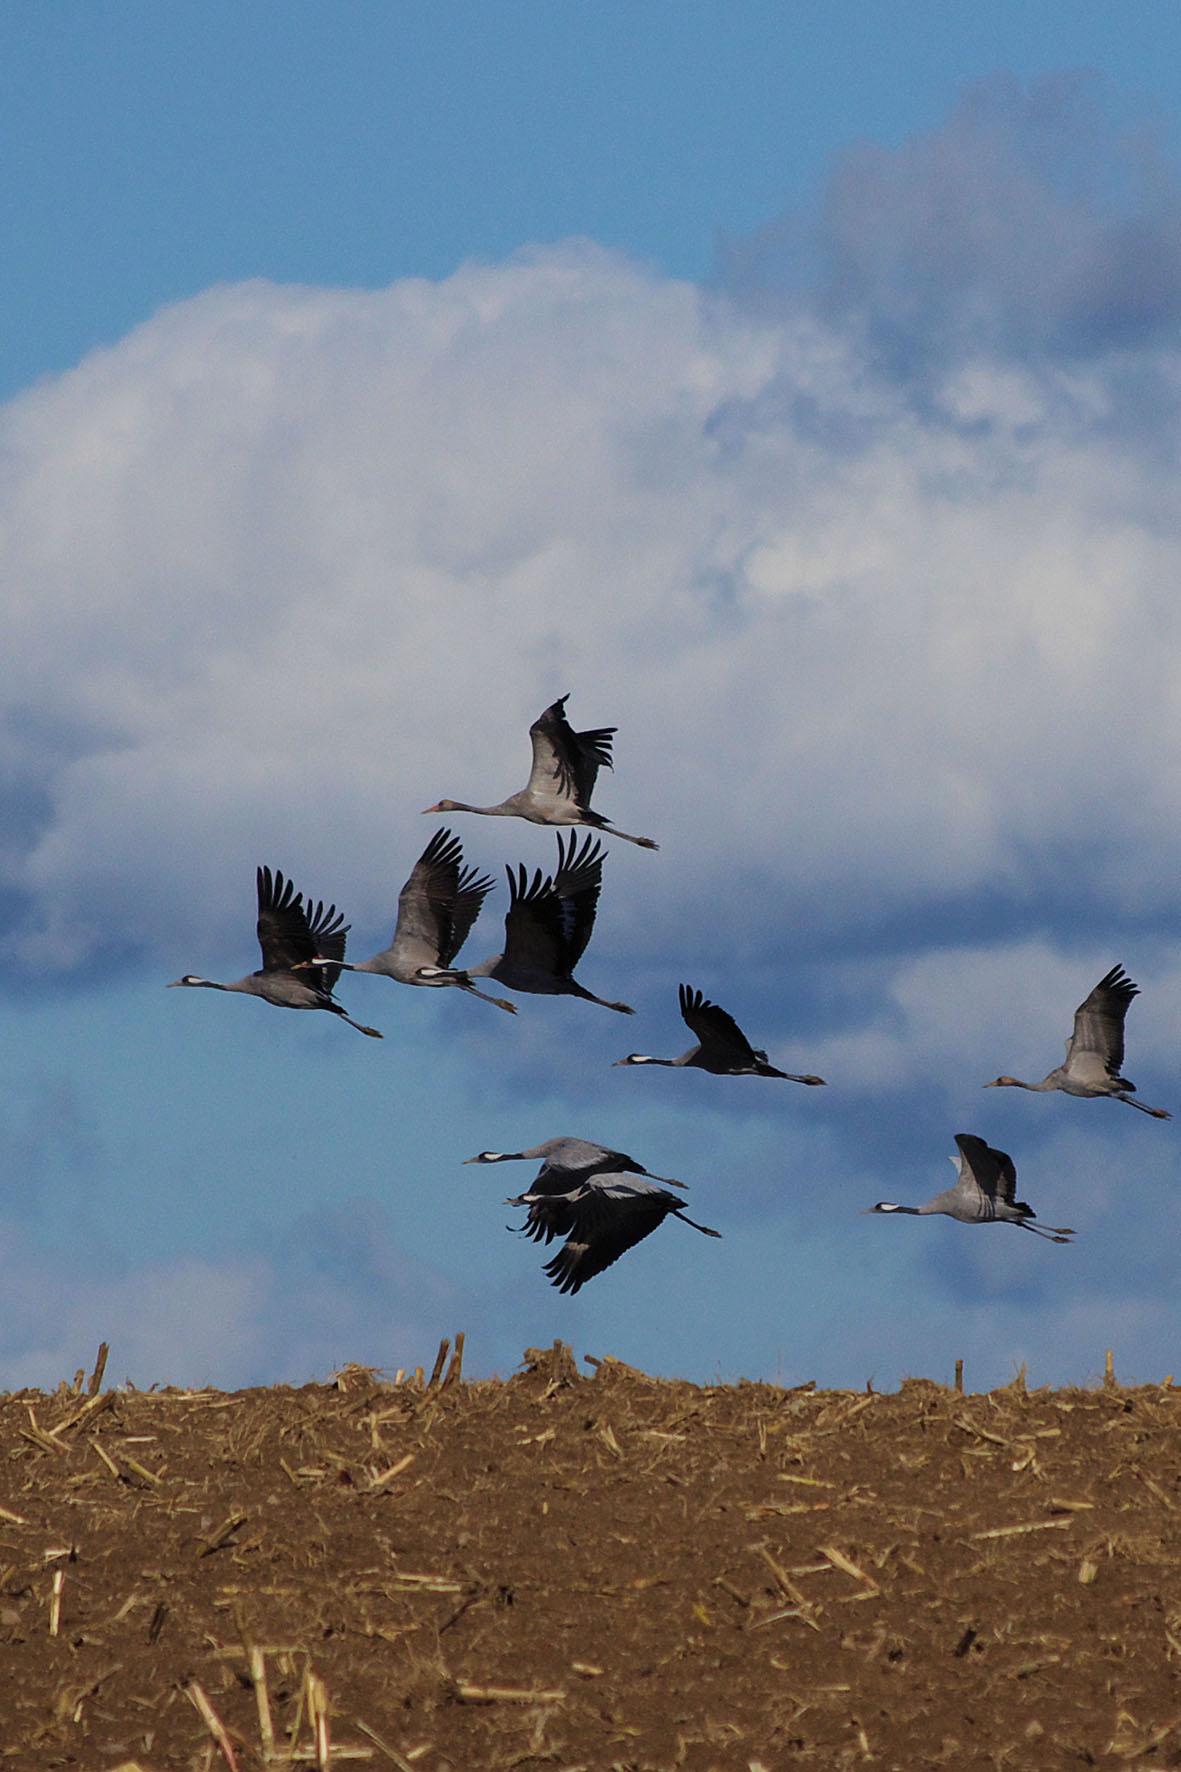 Weithin ist der Ruf der Kraniche zu hören, die im Formationsflug auf ihrem Weg gen Süden im Unteren Odertal rasten.